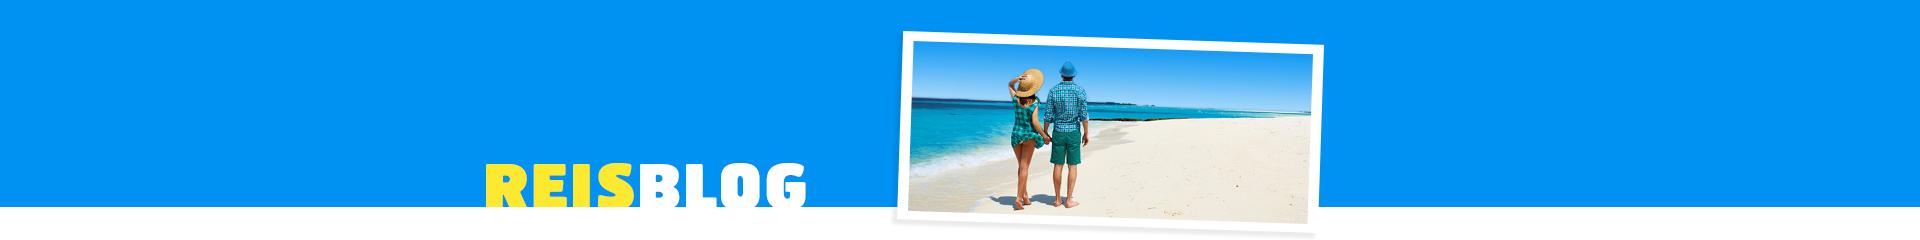 Een stel lopend over het strand met uitzicht over de blauwe zee en strand.